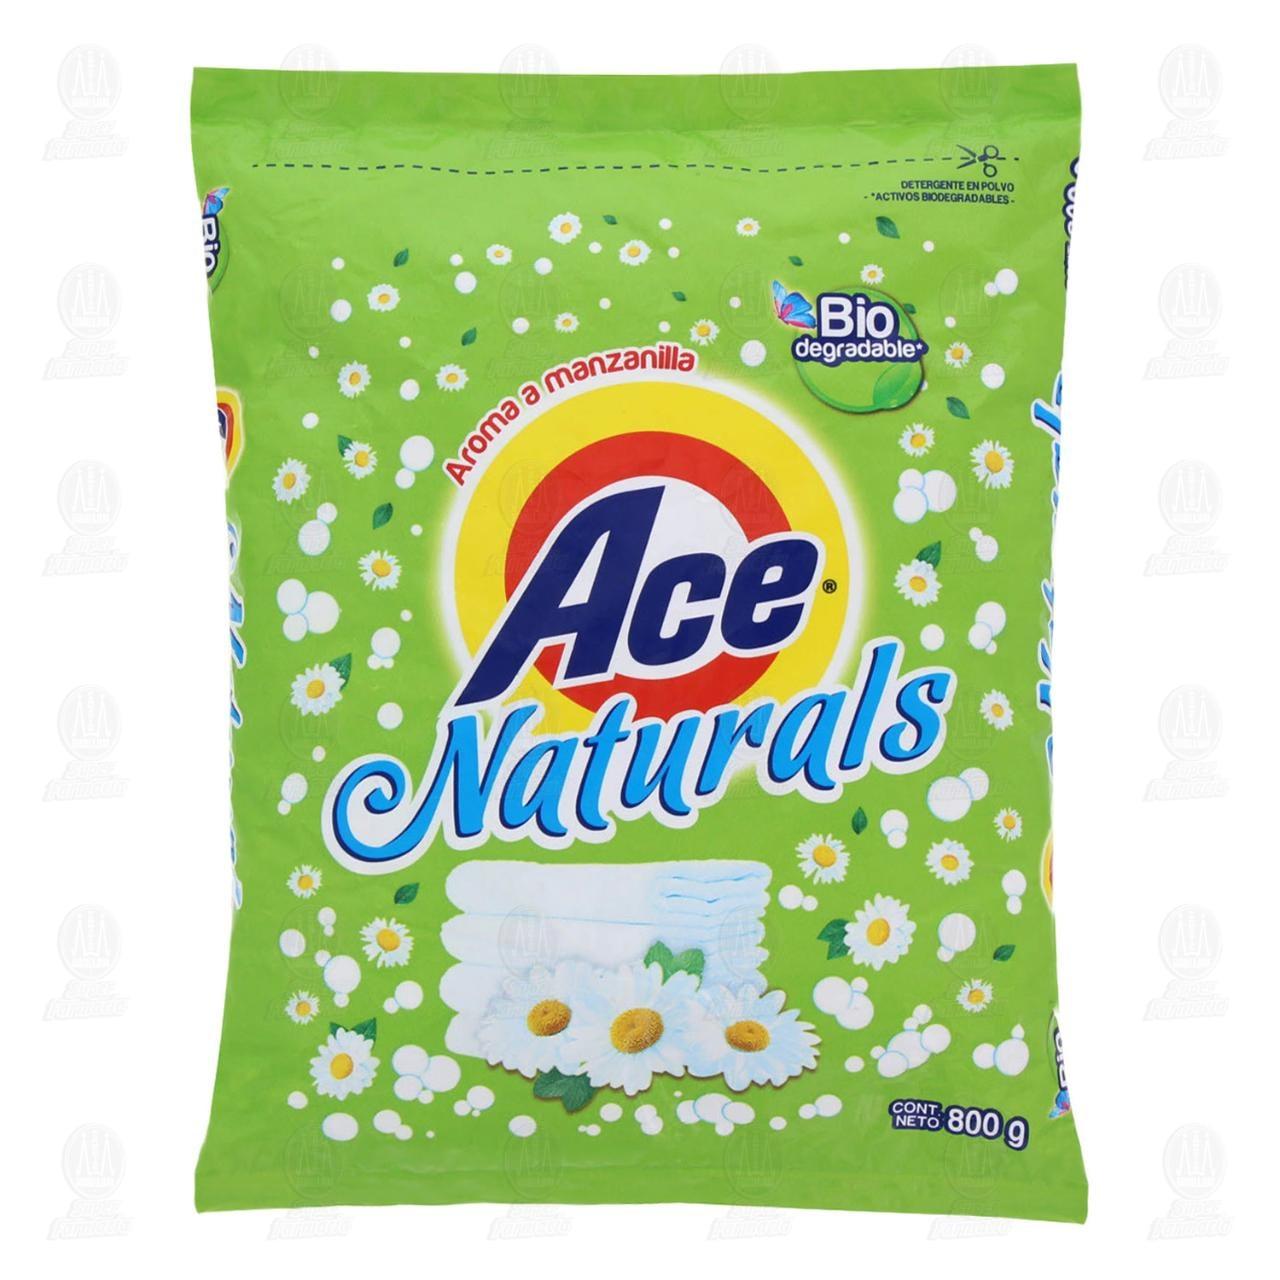 Bodega Aurrerá: Ace Naturals